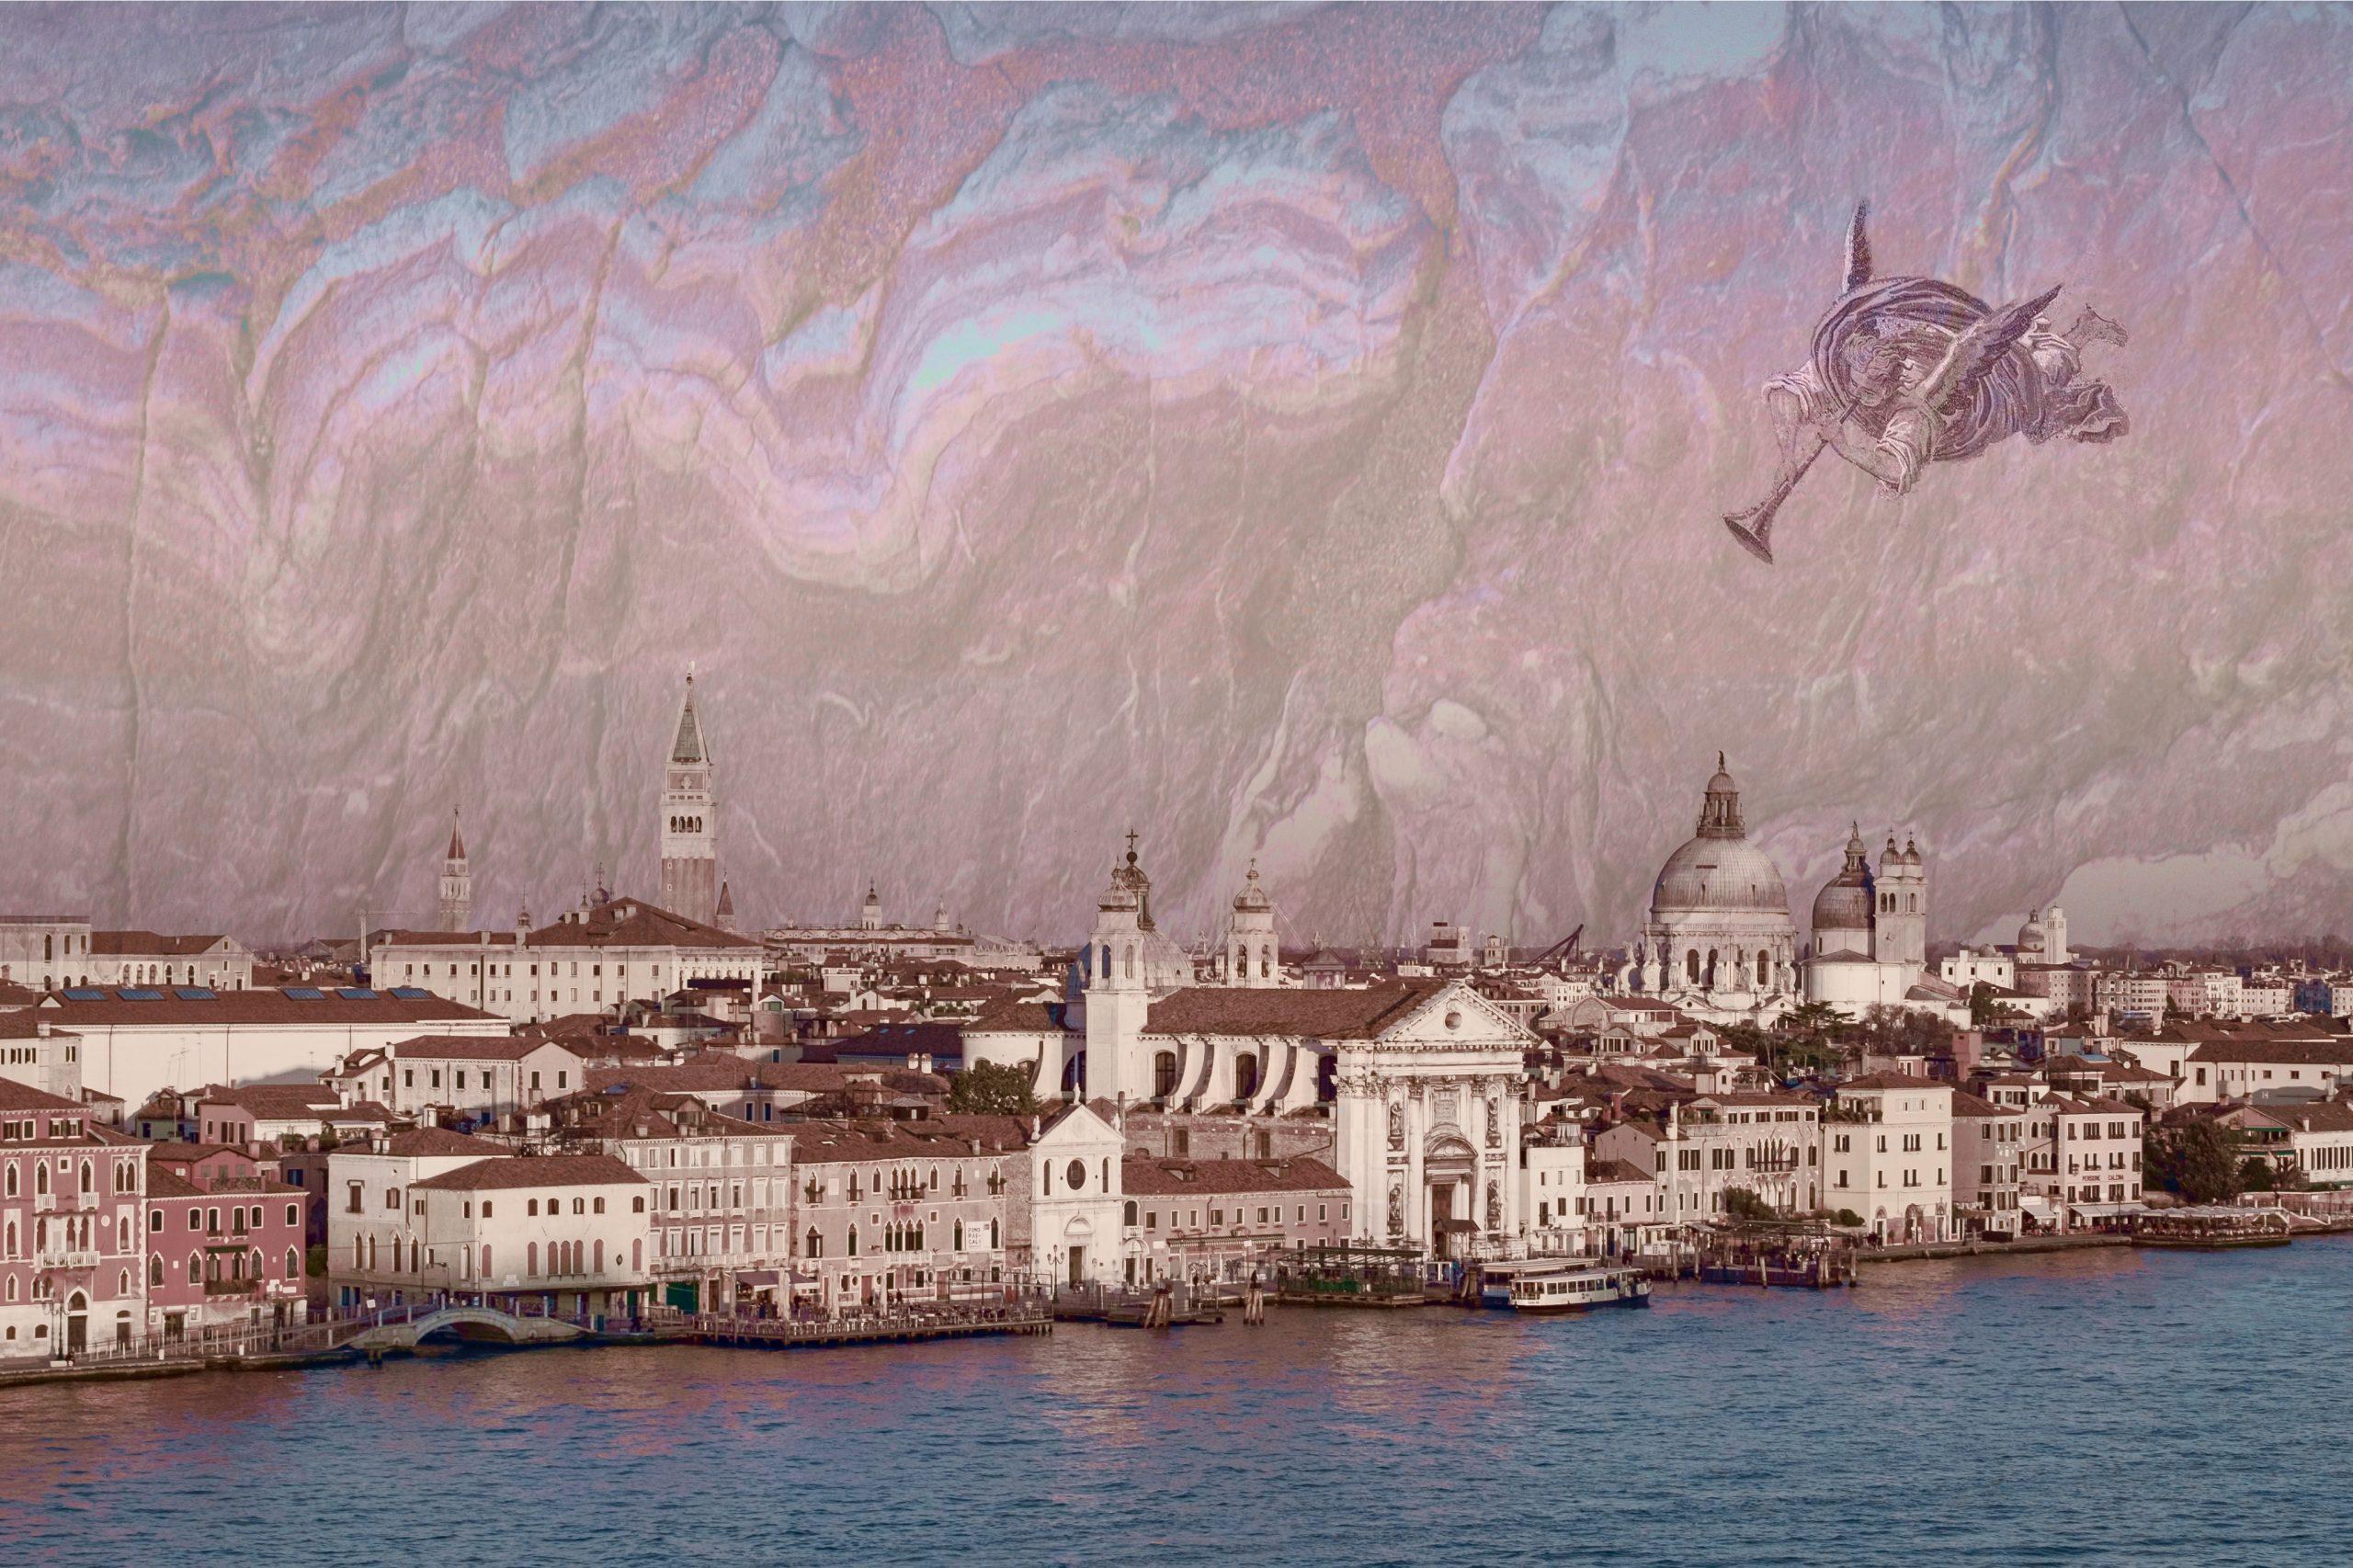 Cherub over Venice